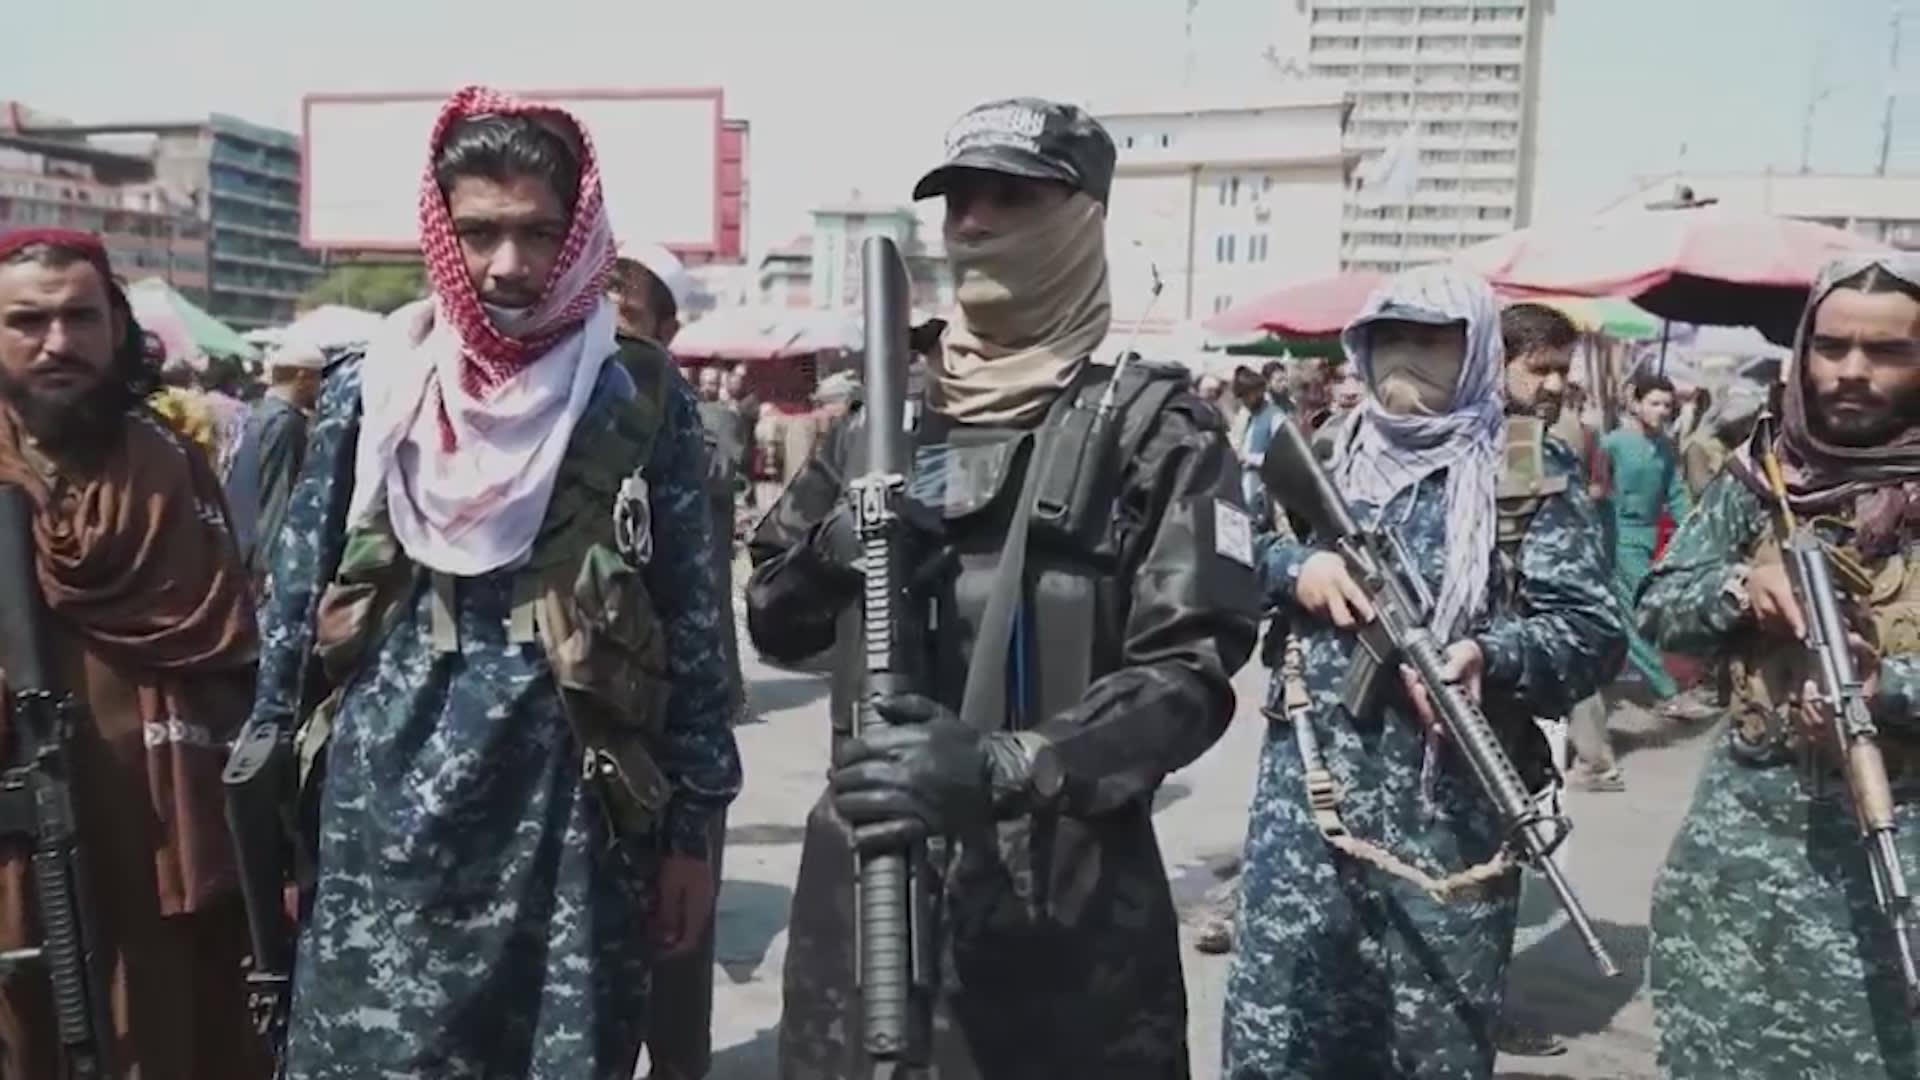 قائد طالبان منصور حقاني يتعهد بتطبيق الشريعة ضد الفساد والسرقة في كابول